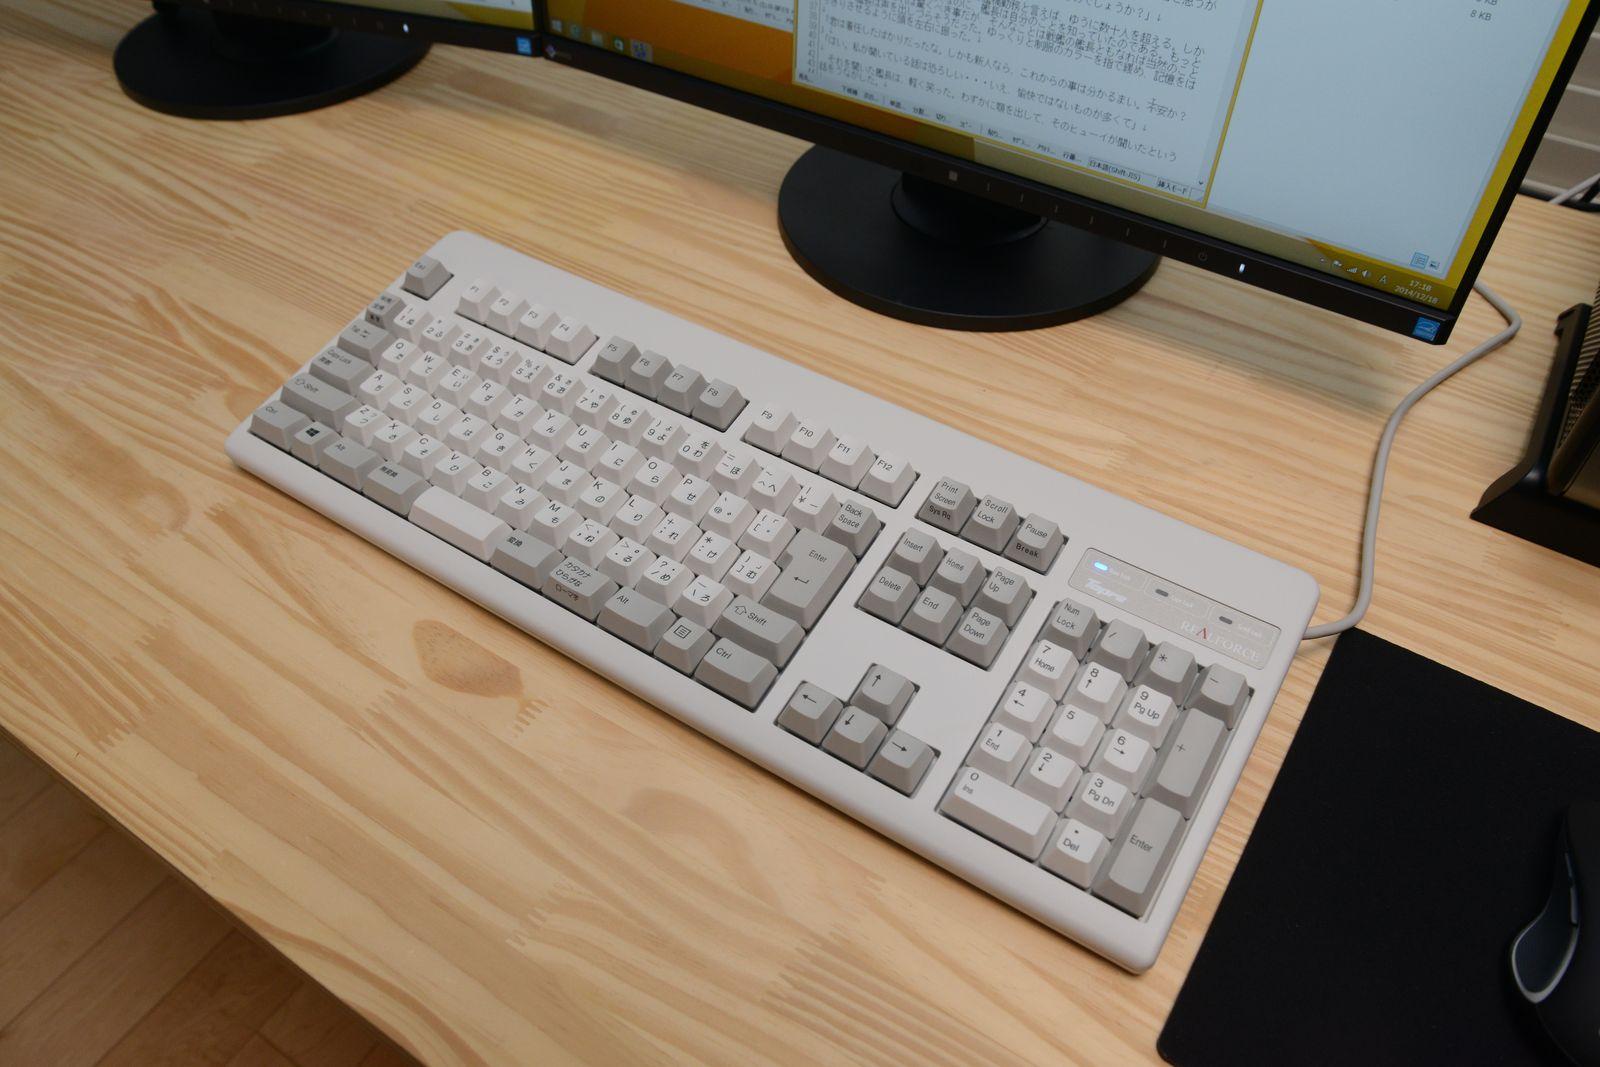 東プレのSA0100。普段、東プレのキーボードを愛用している私にとってはお馴染みさん。是非、そのタッチを体験してみて欲しい